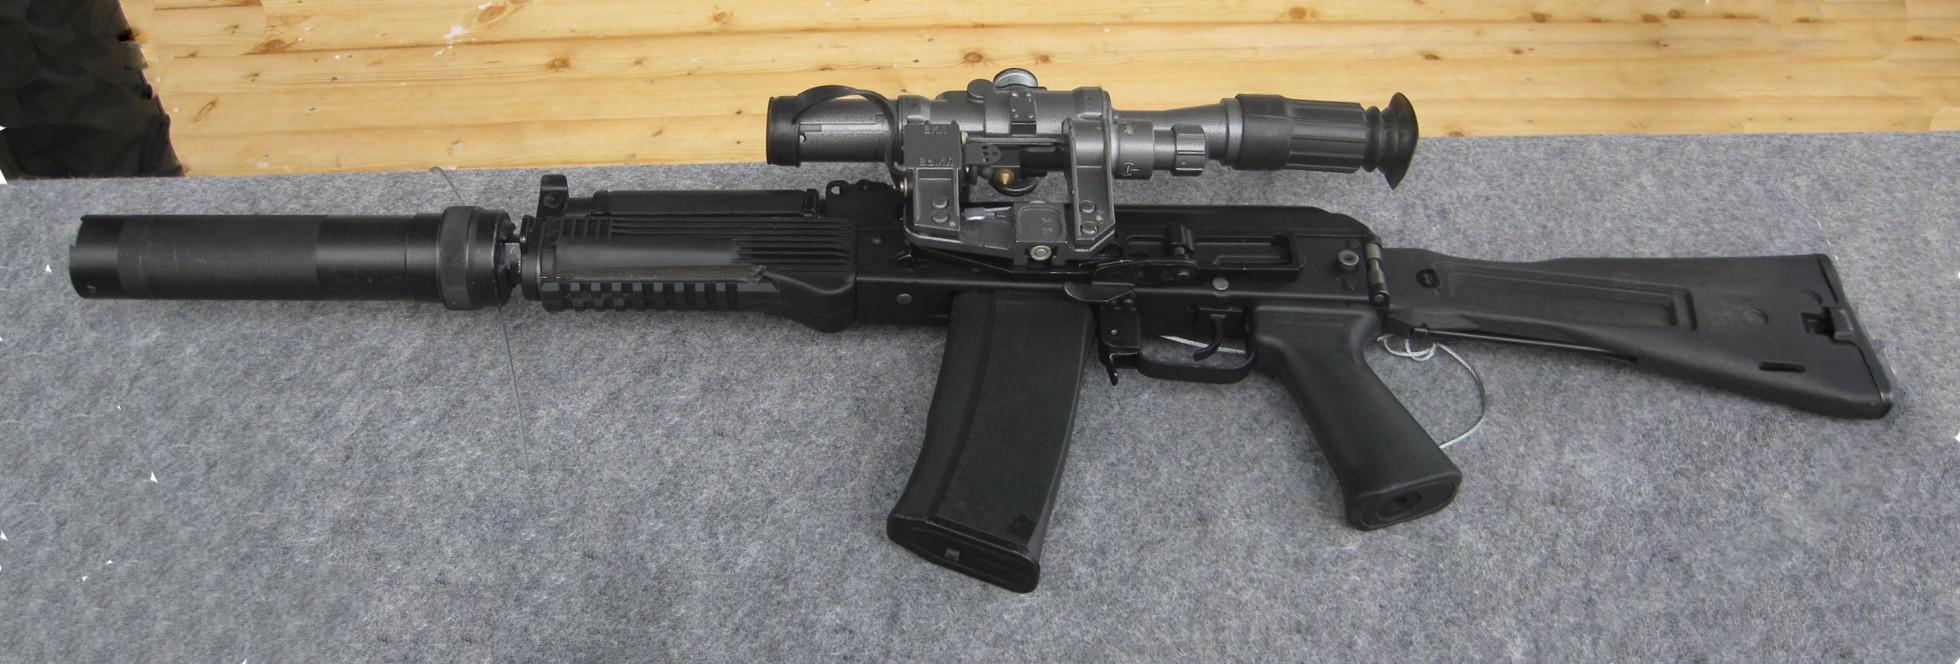 AK-9 - Wikipedia